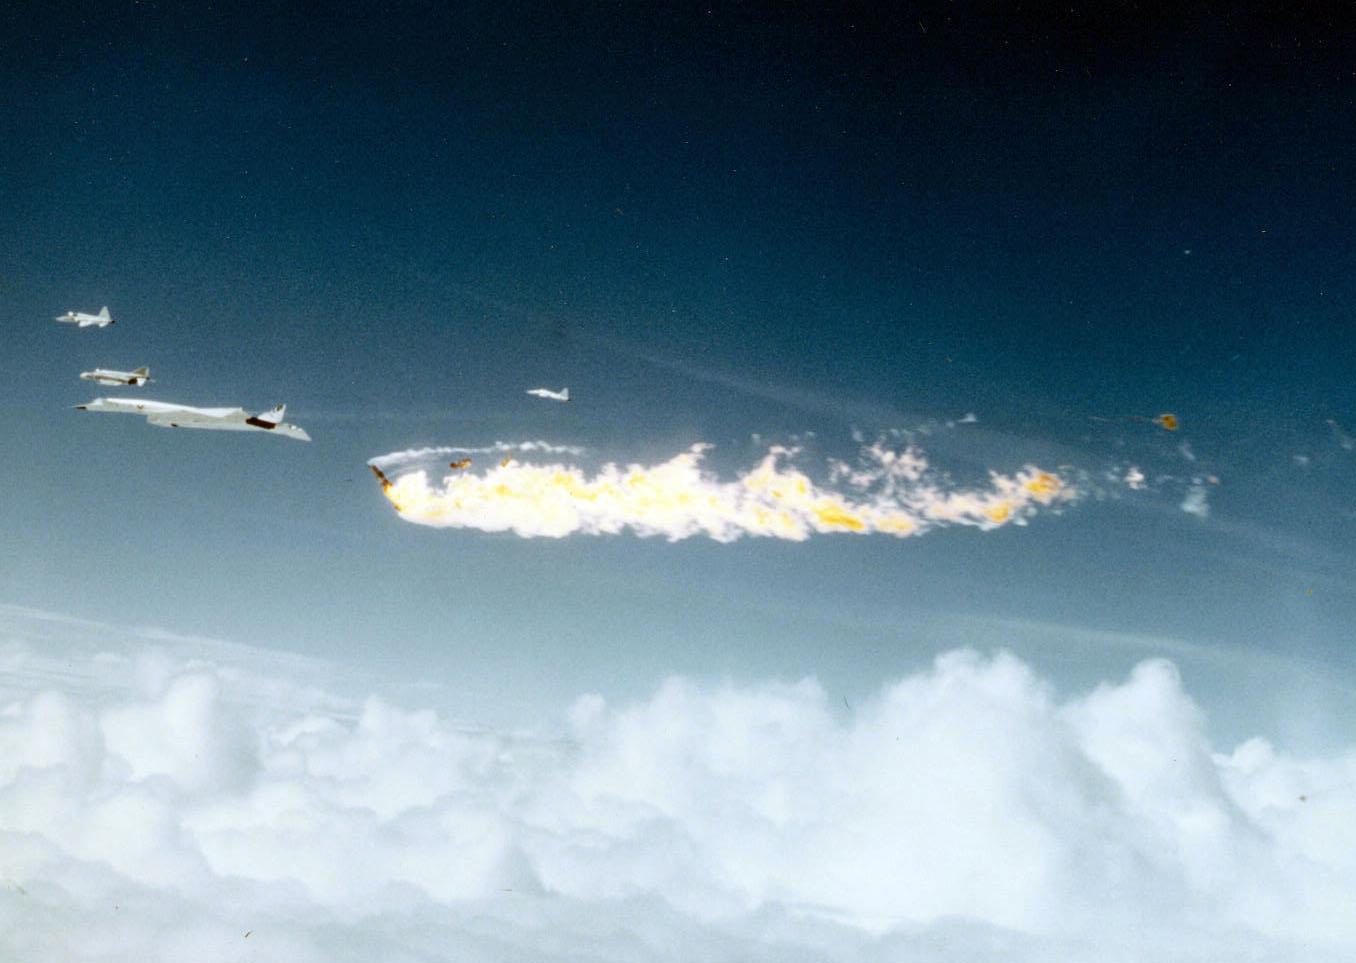 1966. Kísérleti XB-70A Valkyrie bombázó egy F-104 vadászgéppel ütközött az újságírók számára rendezett bemutatón. Mindkét gép pilótája belehalt..jpg